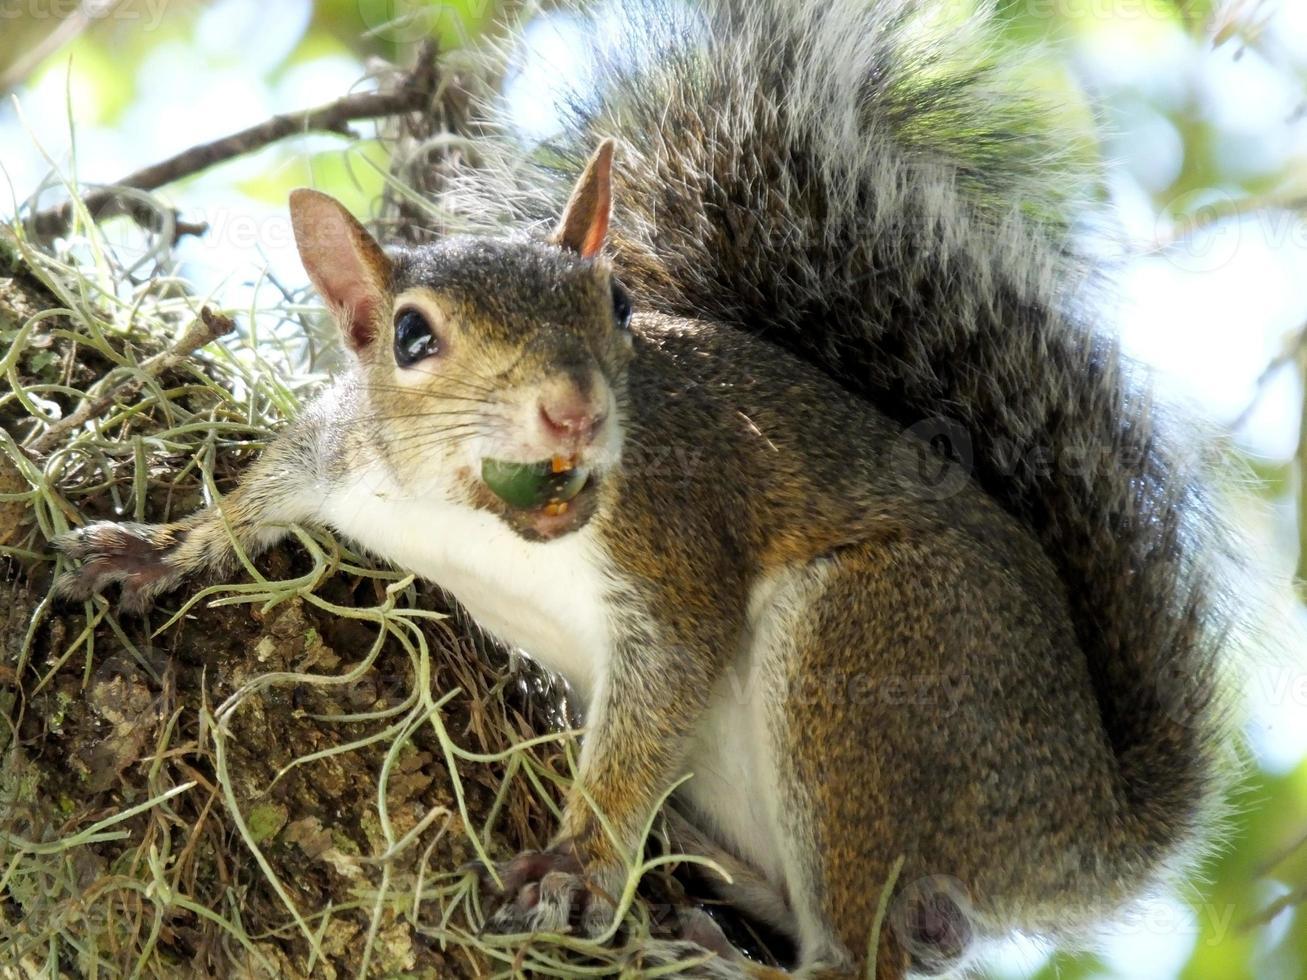 Gray Squirrel (Sciurus carolinensis) photo